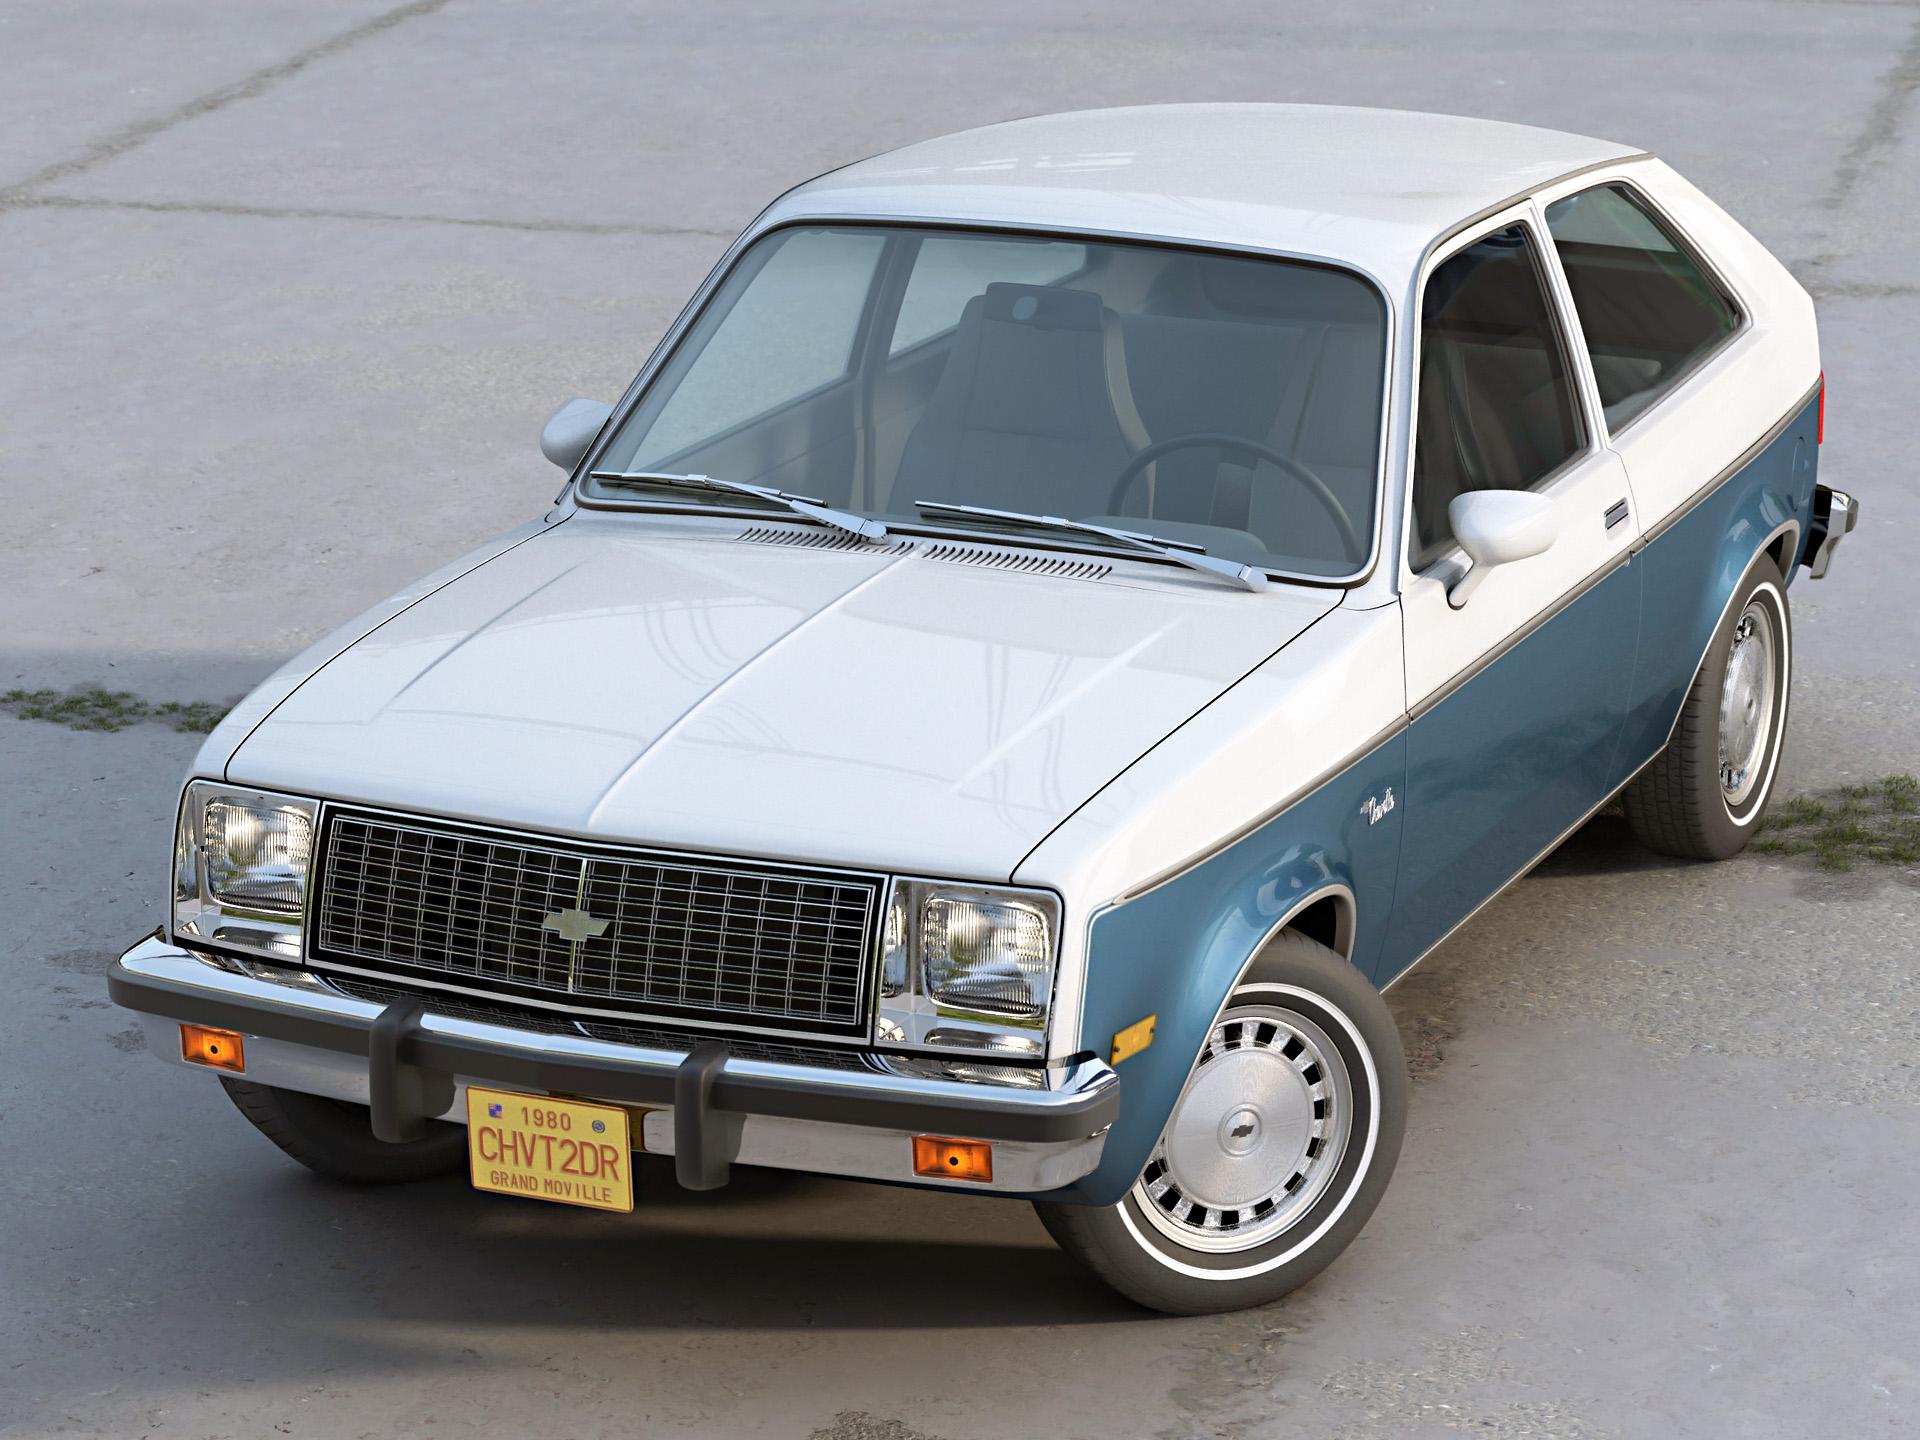 Chevy Chevette 2 Door 1980 3d model 3ds max fbx c4d dae obj 274499